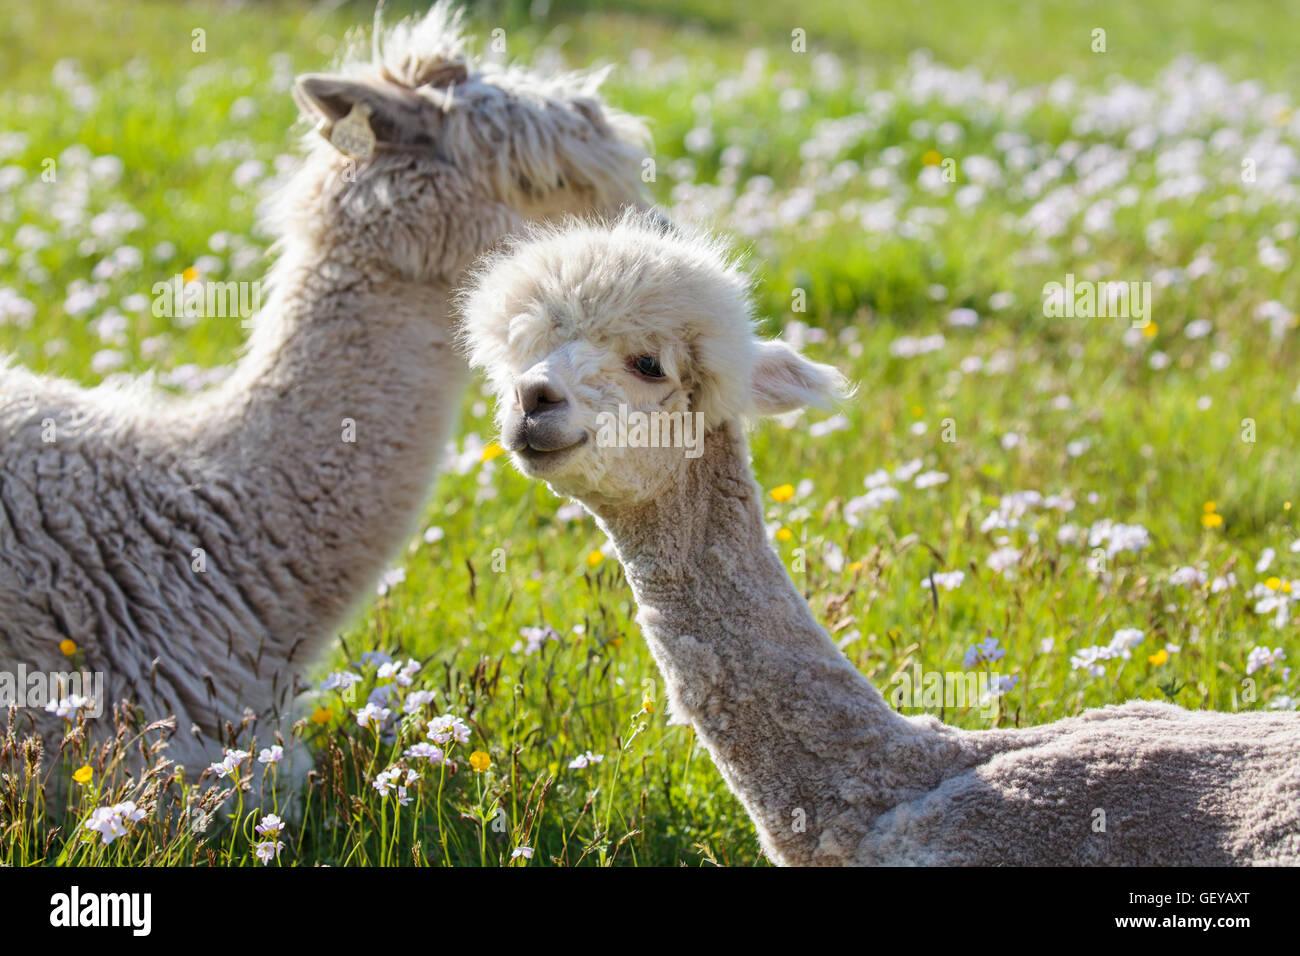 Alpacas - Stock Image